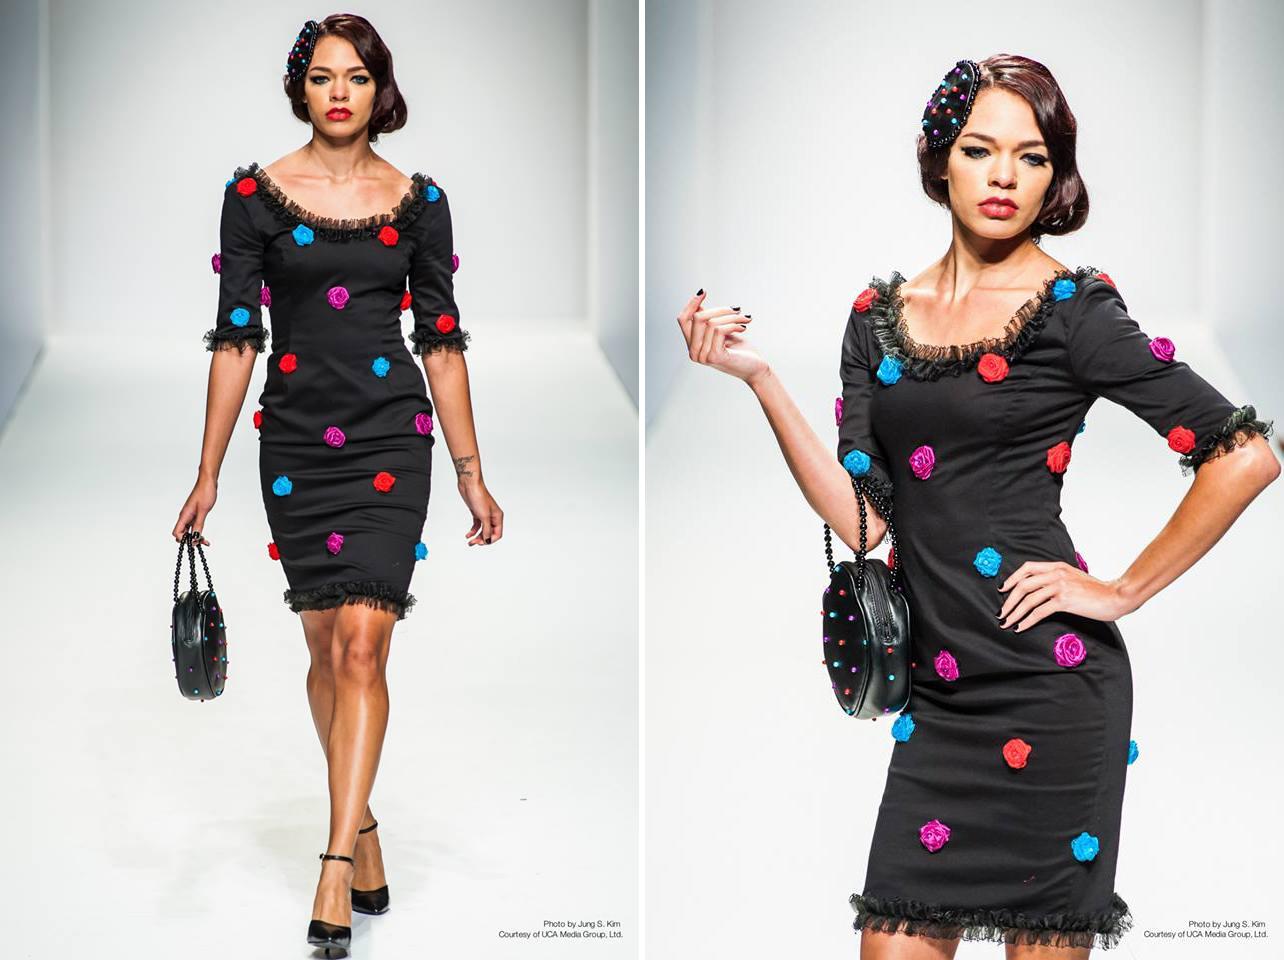 Si vous voulez m'aider à continuer d'exister en tant que créatrice de mode, d'établir ma marque et faire le succès de ma nouvelle collection Vilorija, j'apprécierai énormément votre support.